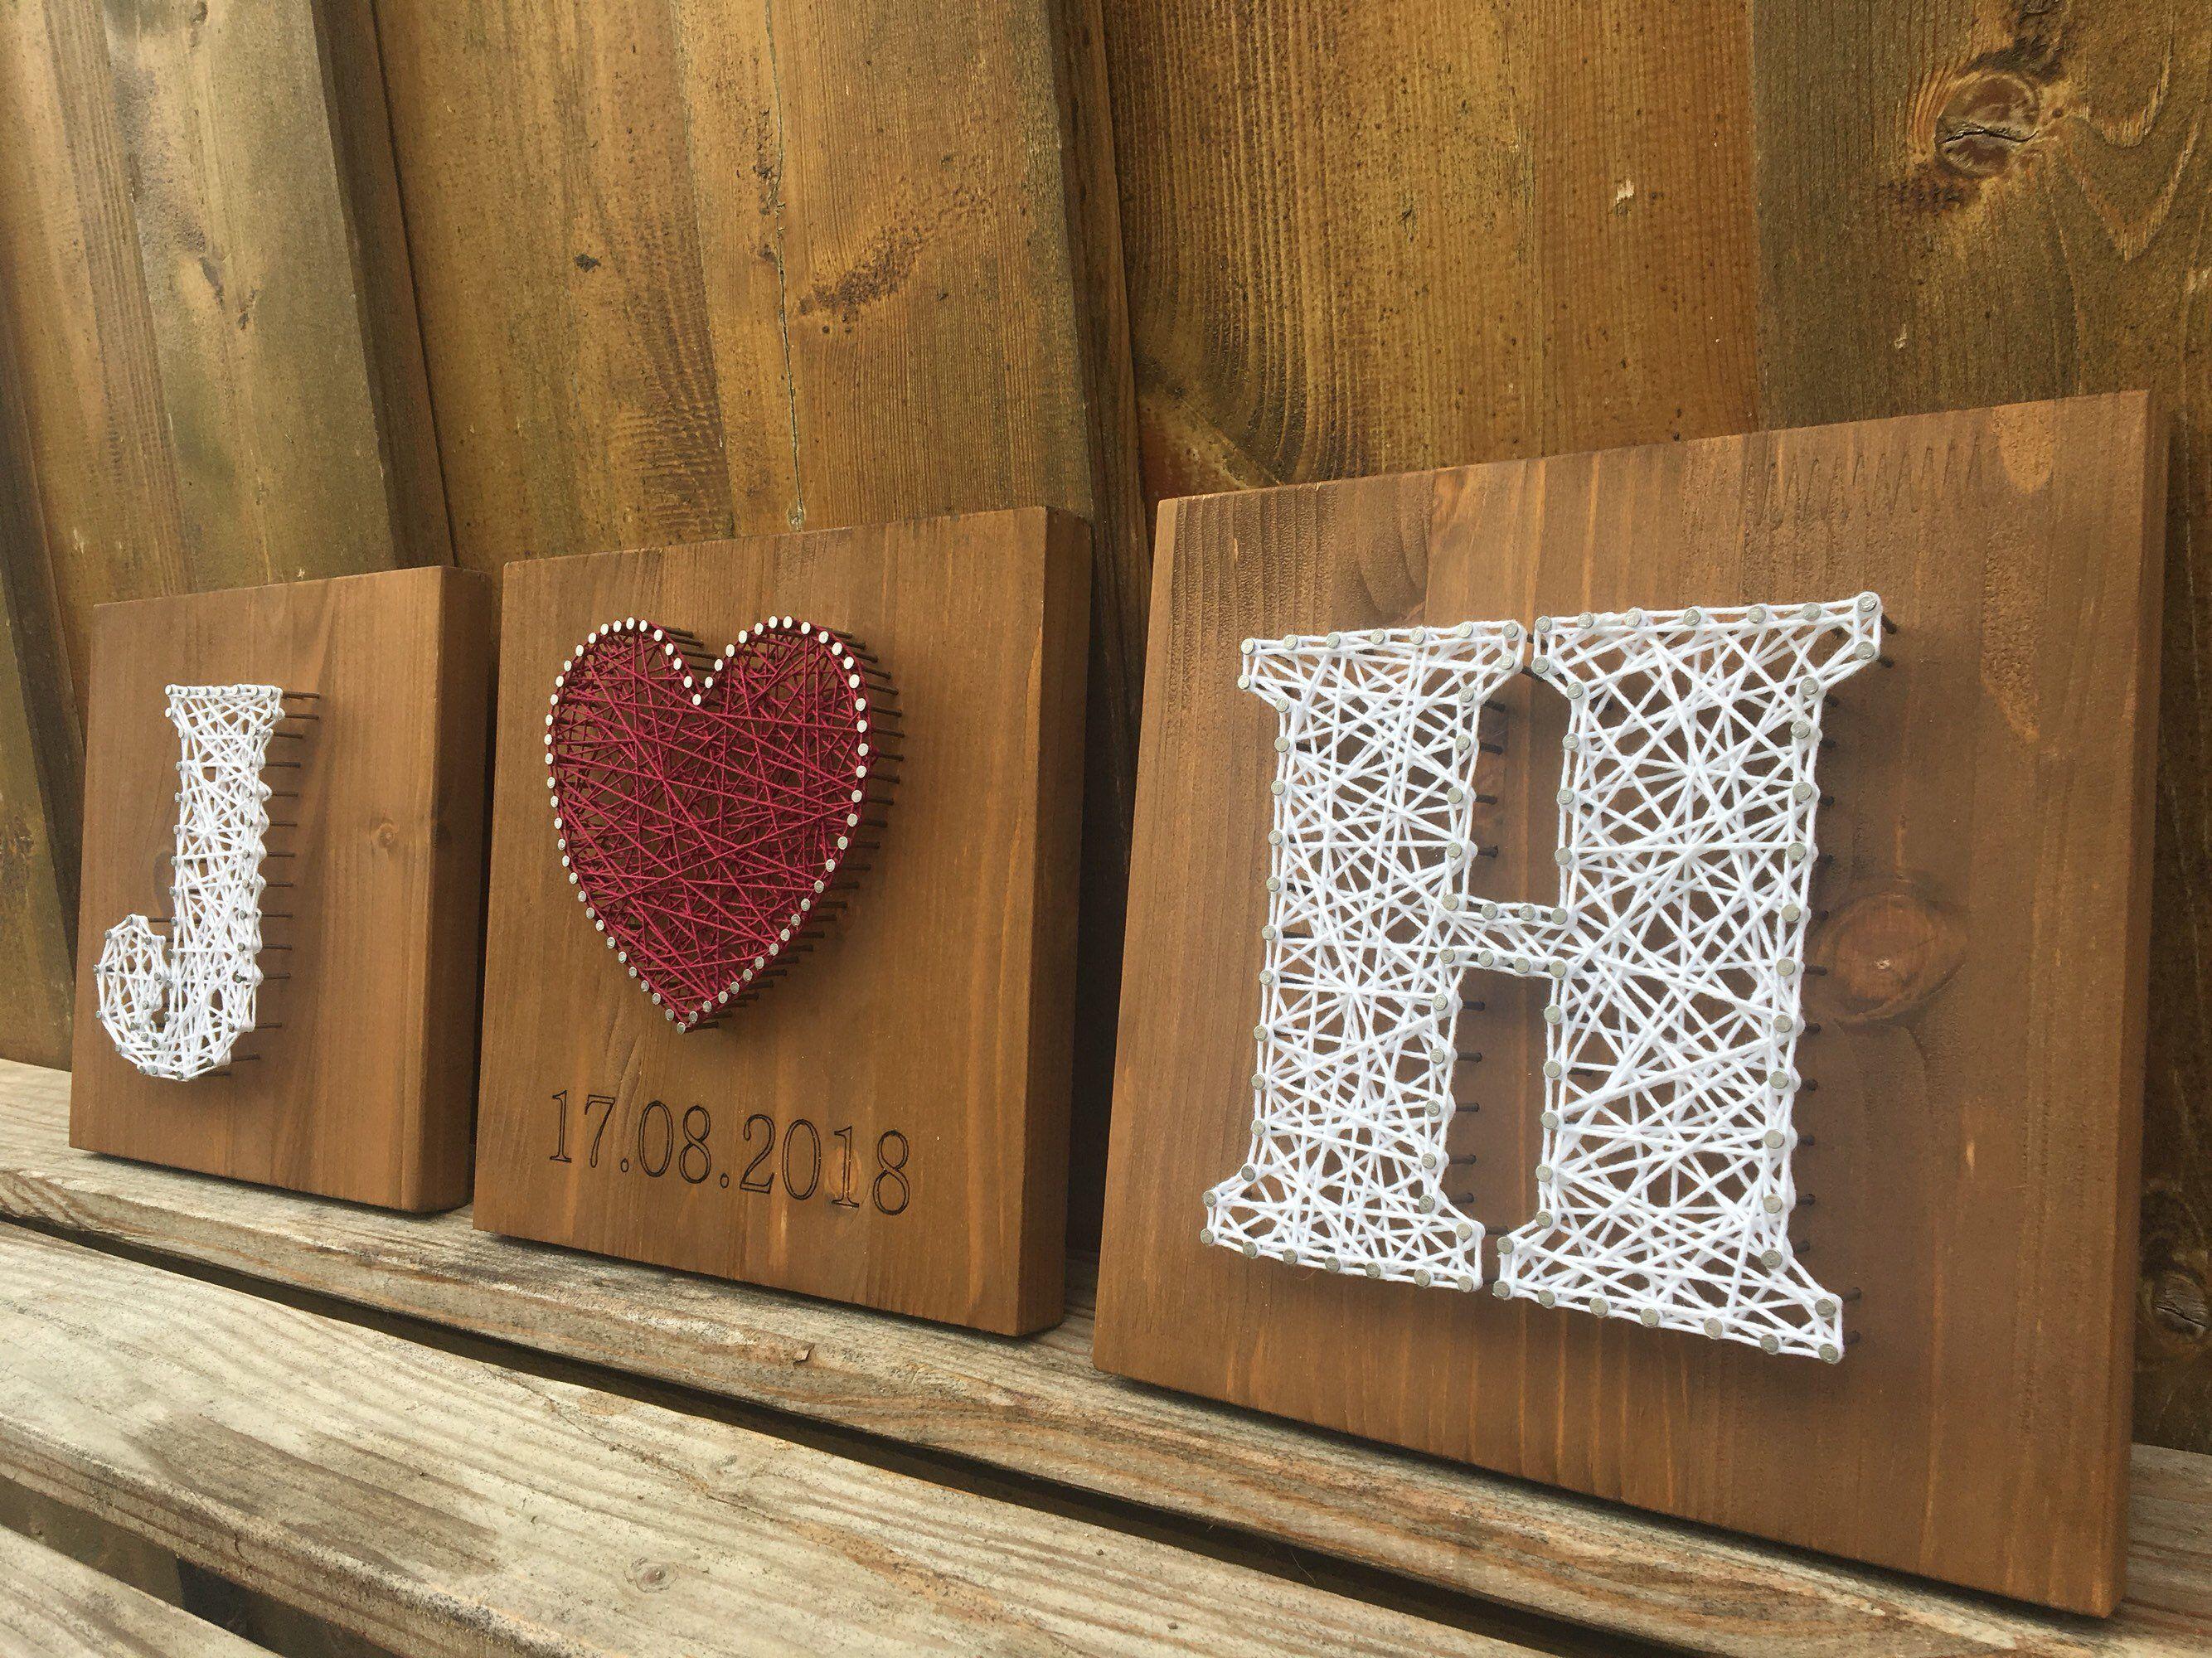 Hochzeitsgeschenk Initialien und Herz Fadenbild auf Holz #weddinggift